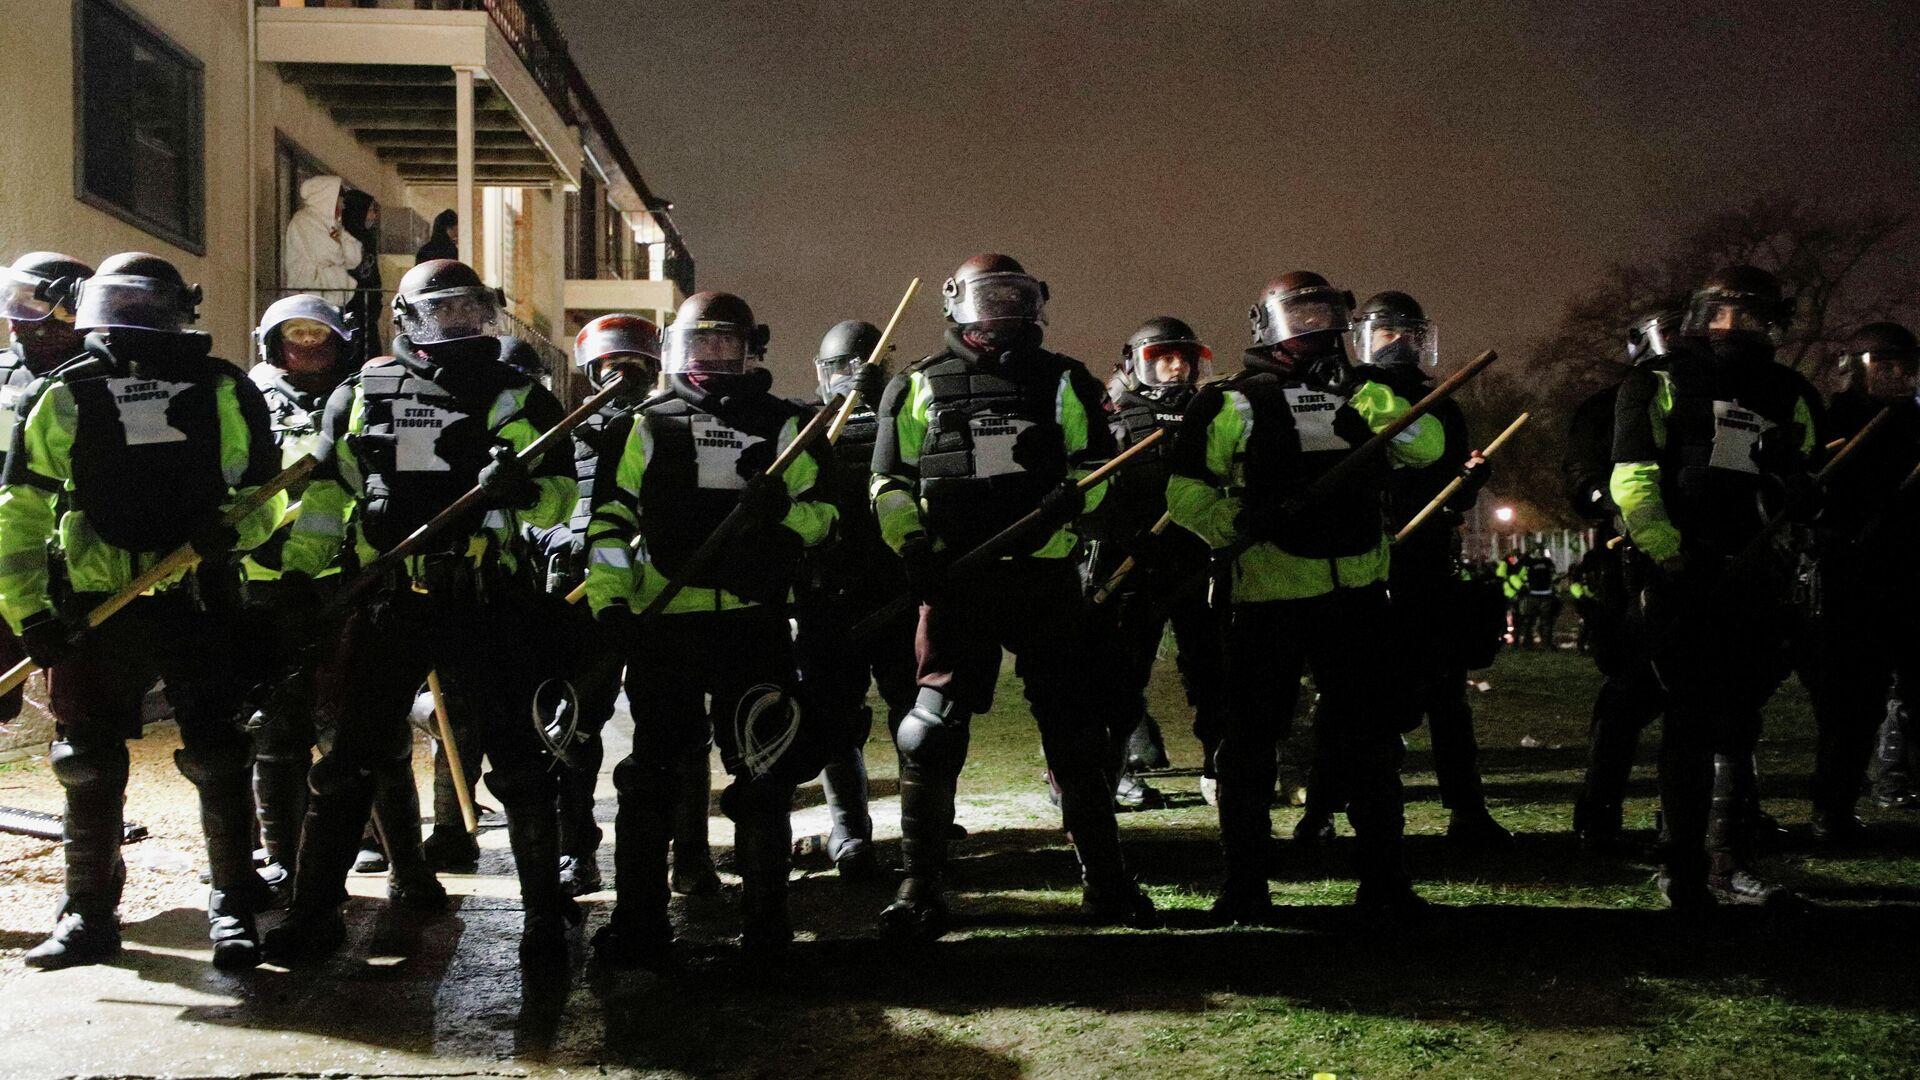 Сотрудники правоохранительных органов во время акции протеста в городе Бруклин-Сентер, штат Миннесота, США - РИА Новости, 1920, 13.04.2021